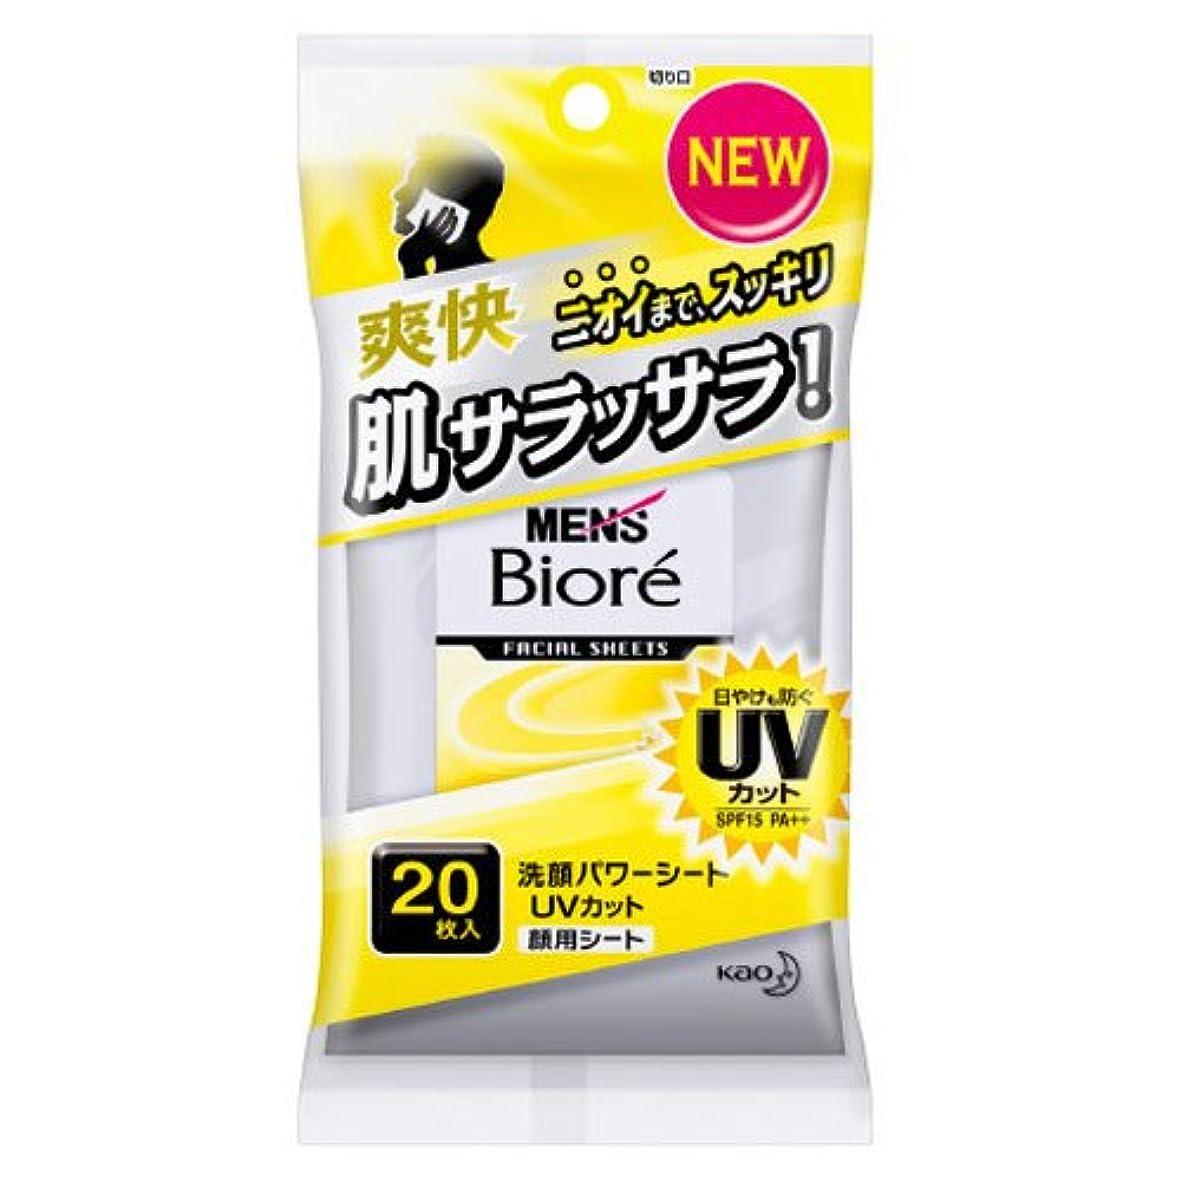 早く強要性差別花王 メンズビオレ 洗顔パワーシート UV 携帯タイプ 20枚入 1個